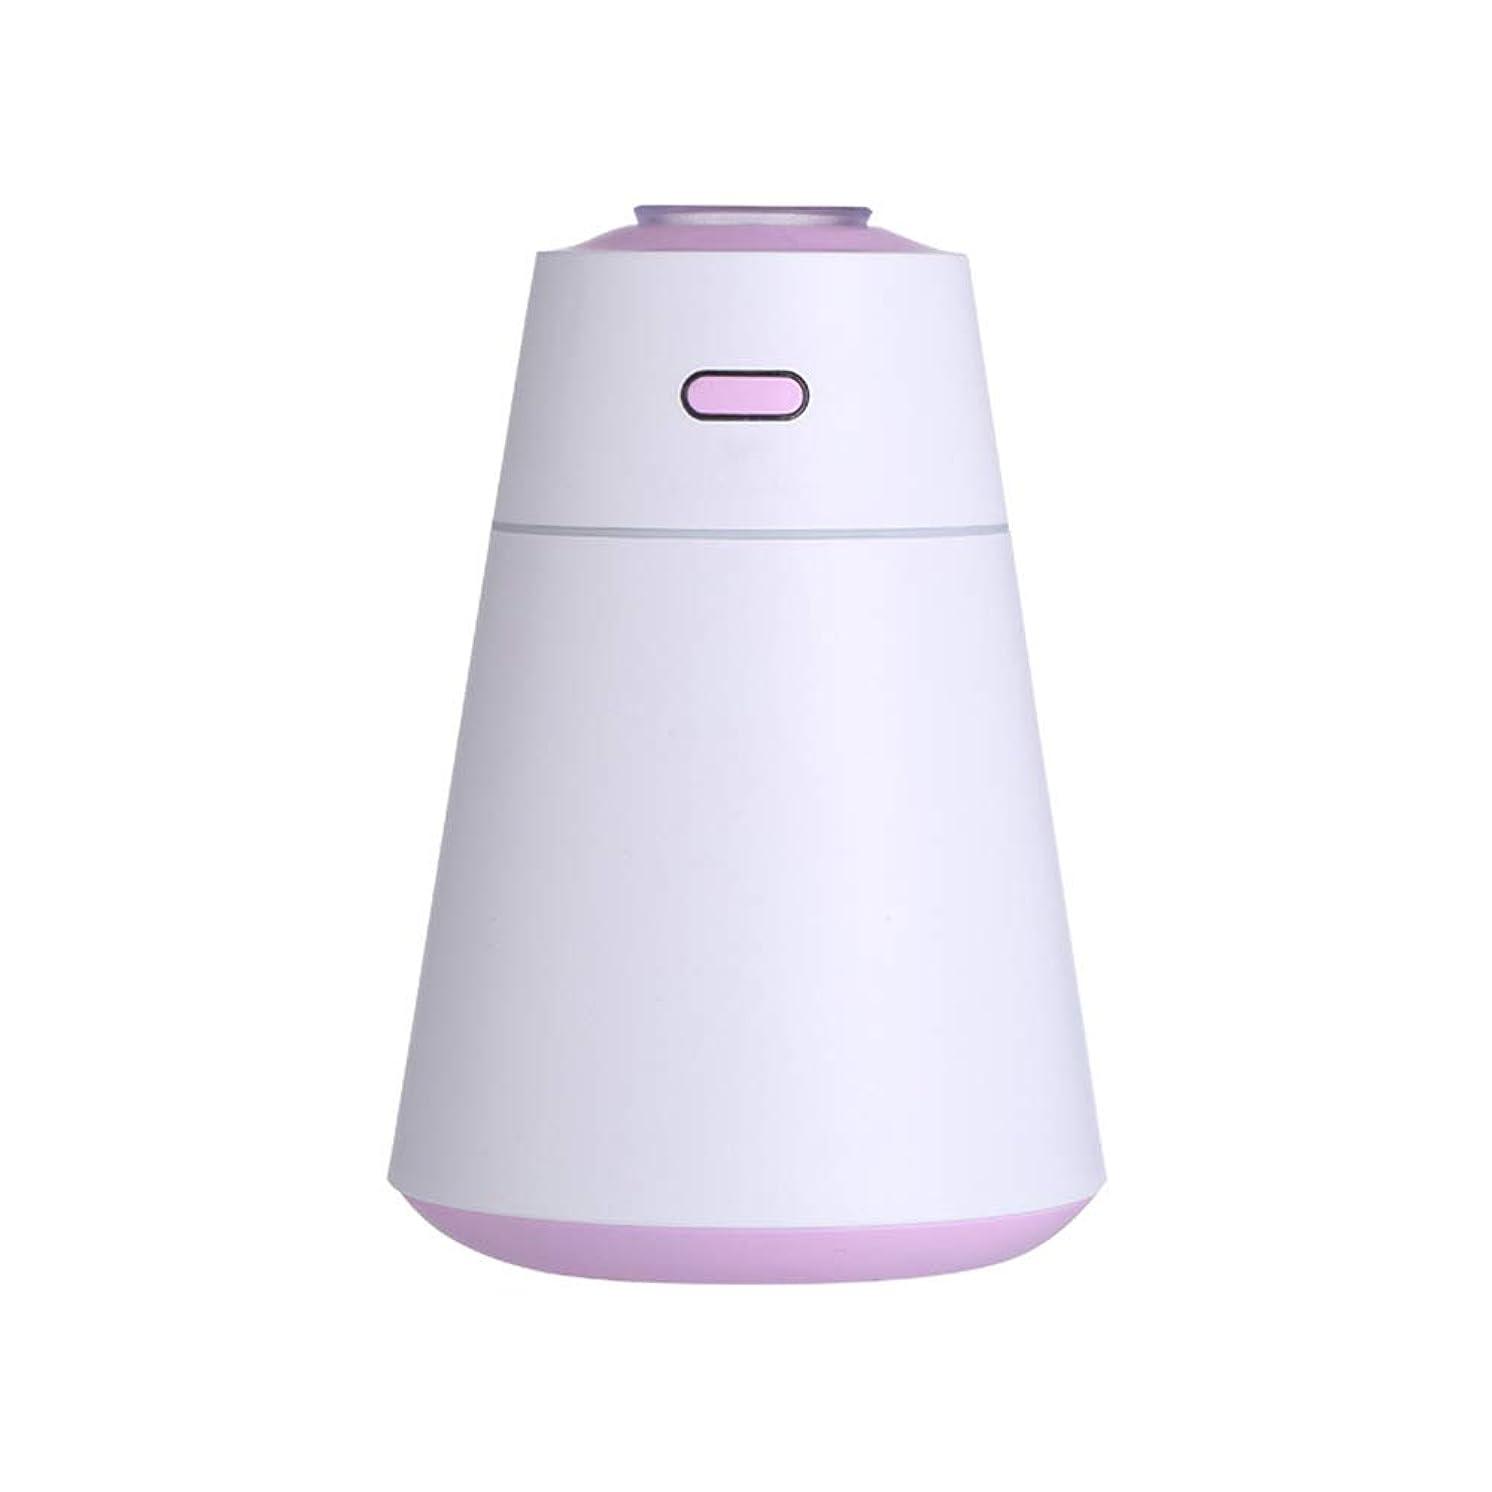 年齢キモい感度加湿器USBデスクトップ寝室加湿器クリエイティブファッションシンプルな火山加湿器超音波加湿,Pink